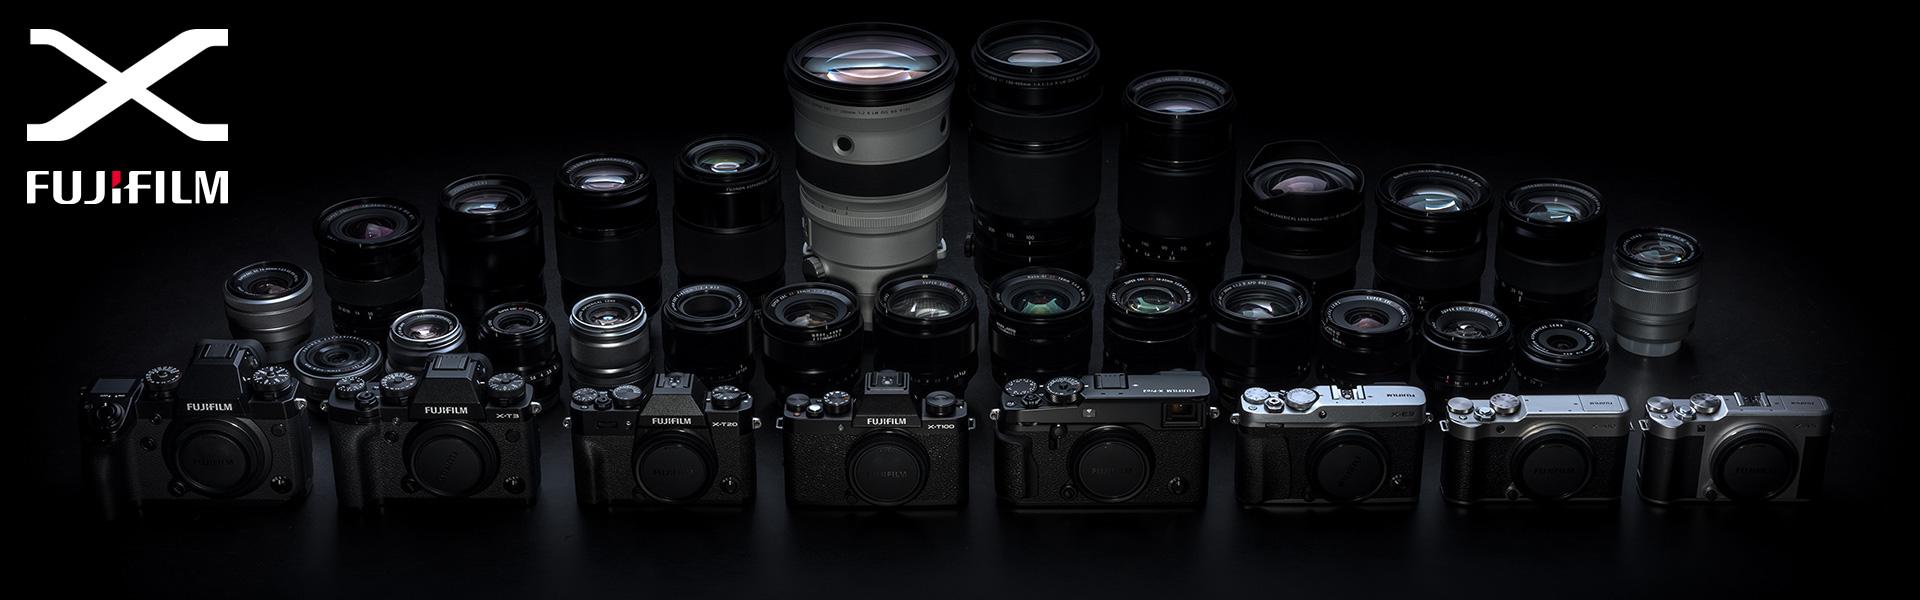 [photo] Un assortiment d'appareils photo et d'objectifs Fujifilm